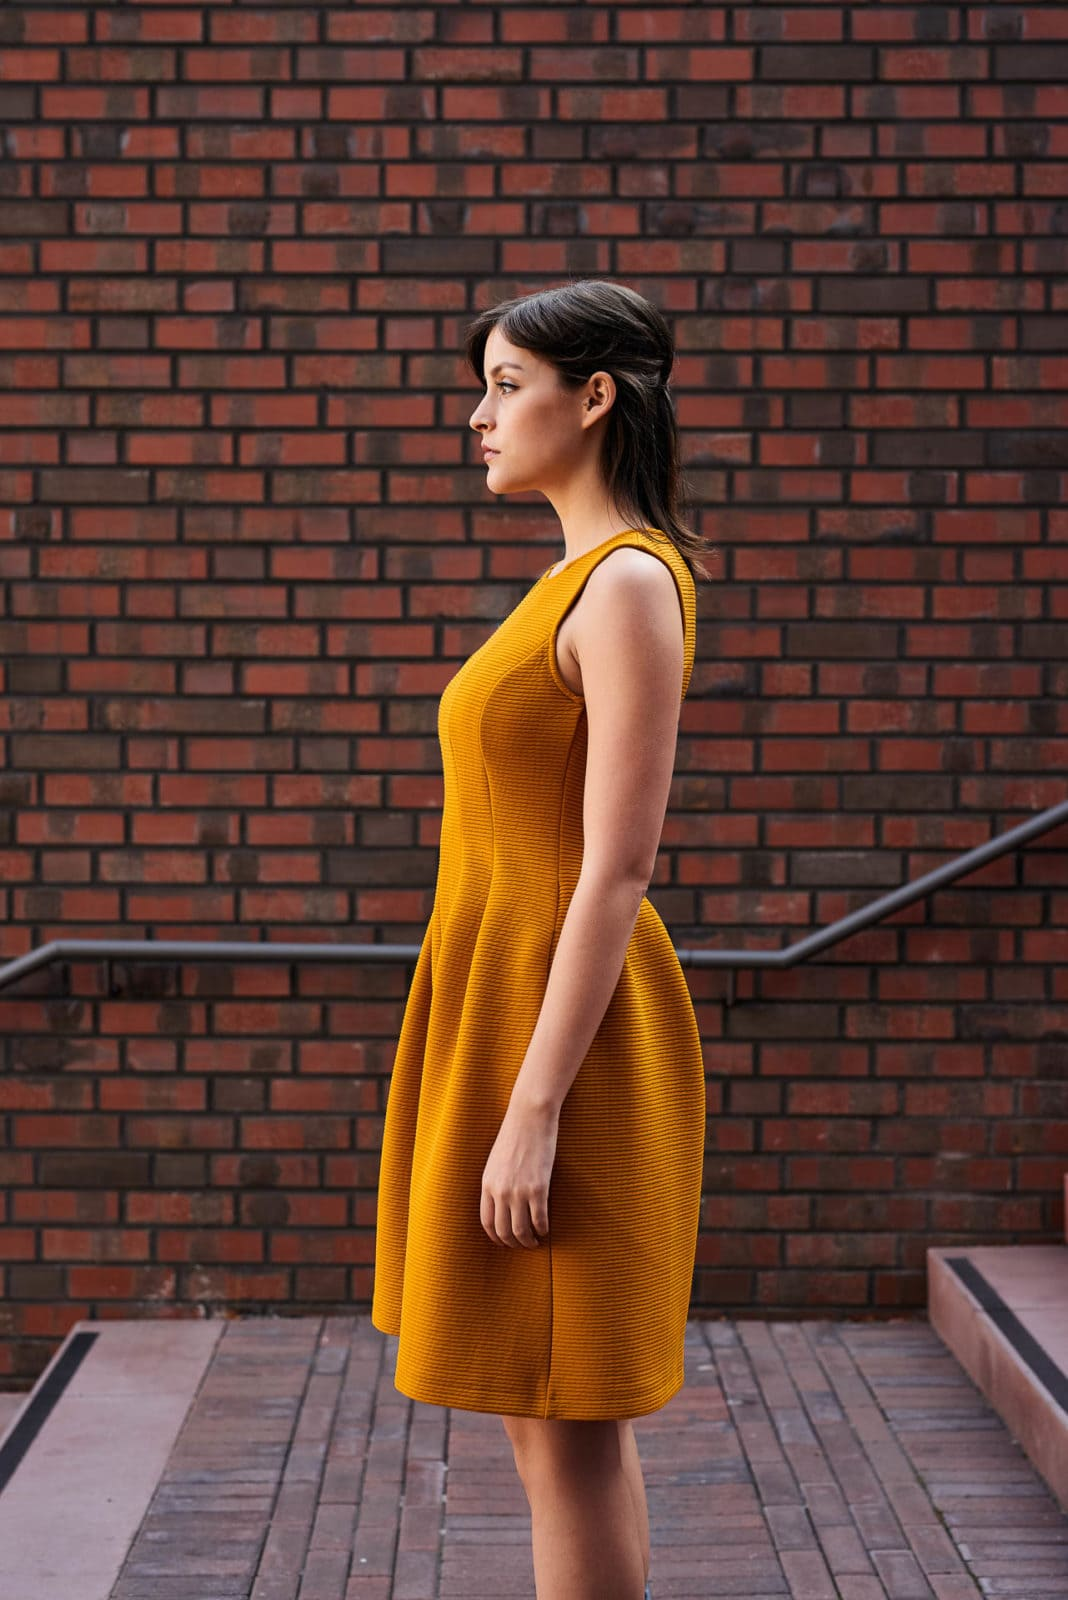 Junge Frau auf Treppe Kleid Fashion